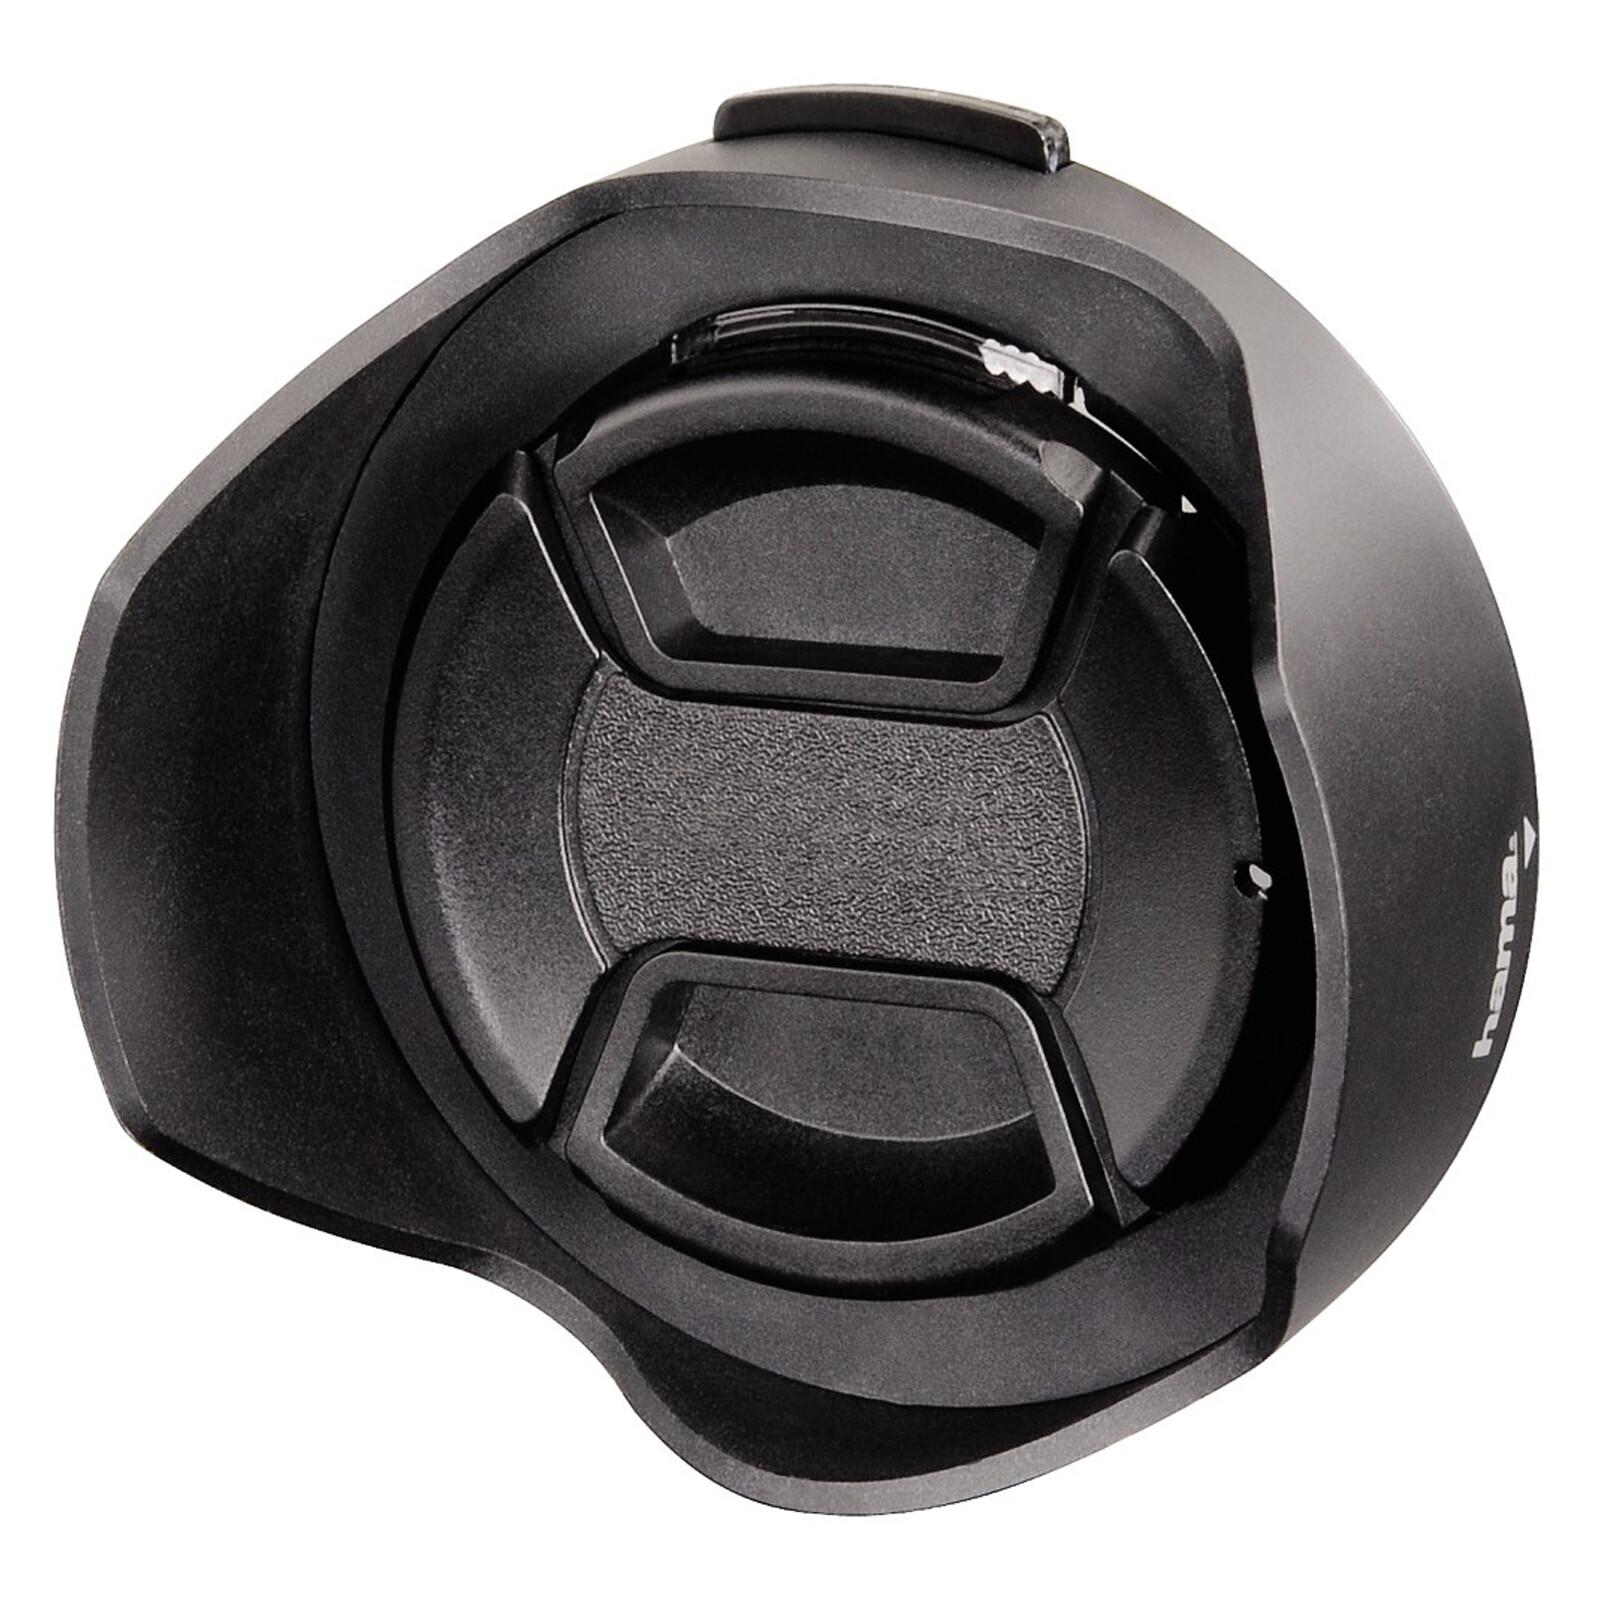 Hama 93655 Gegenlichtblende 55mm mit Objektivdeckel